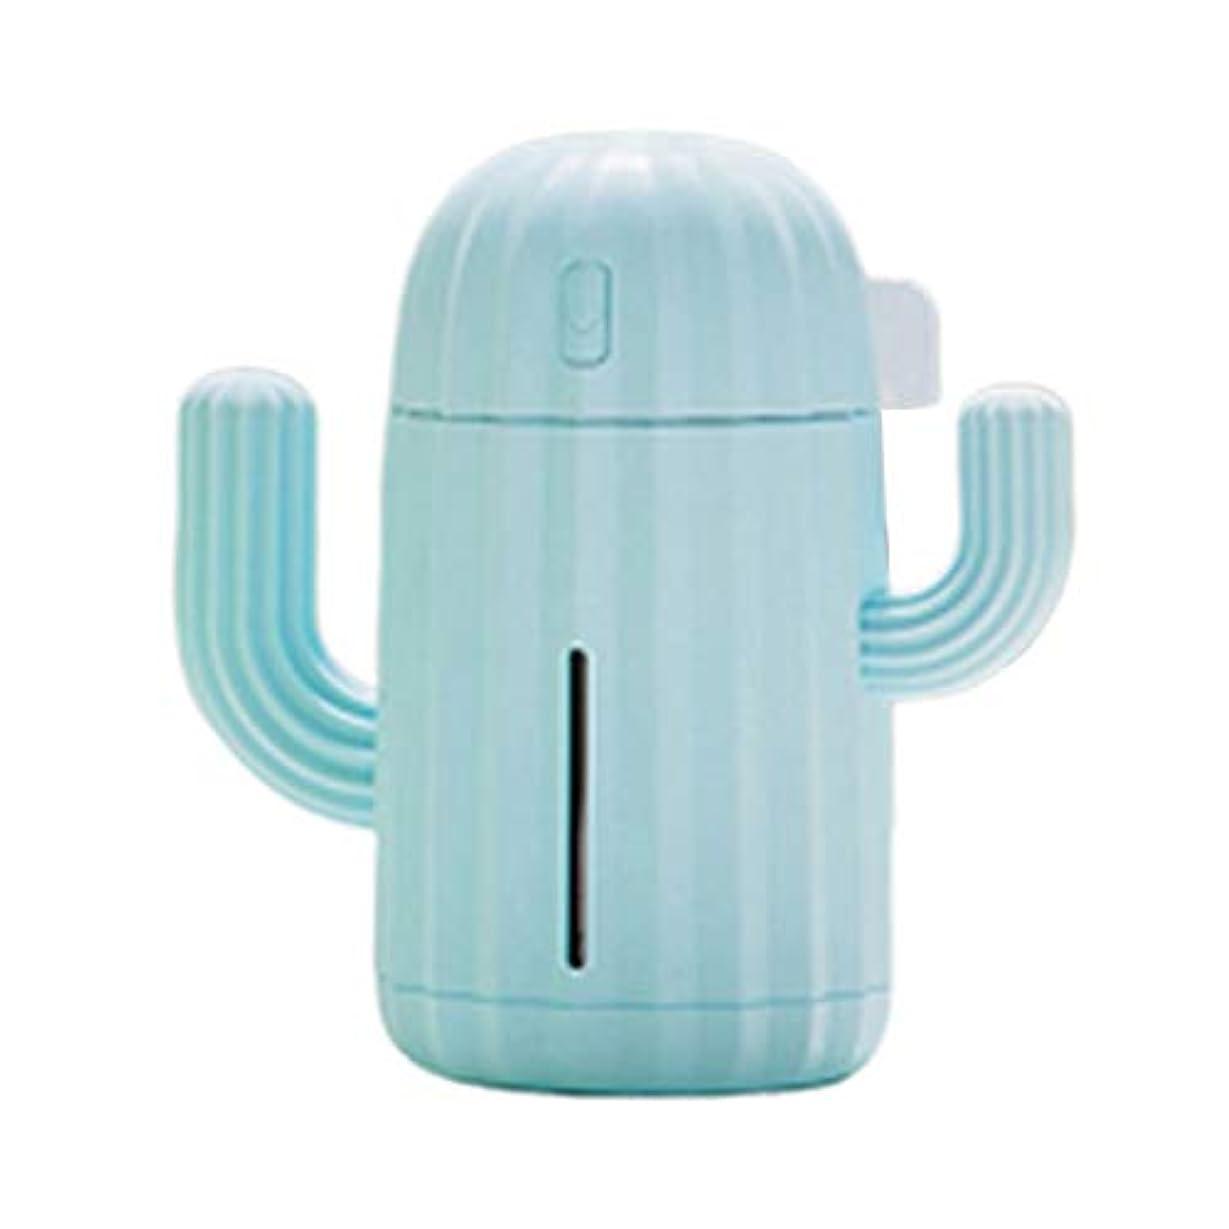 ギタープラスチック使用法340Ml Usb Air Humidifier Cactus Timing Aromatherapy Diffuser Mist Mini Aroma Atomizer for Home Essential Oil Diffuser...